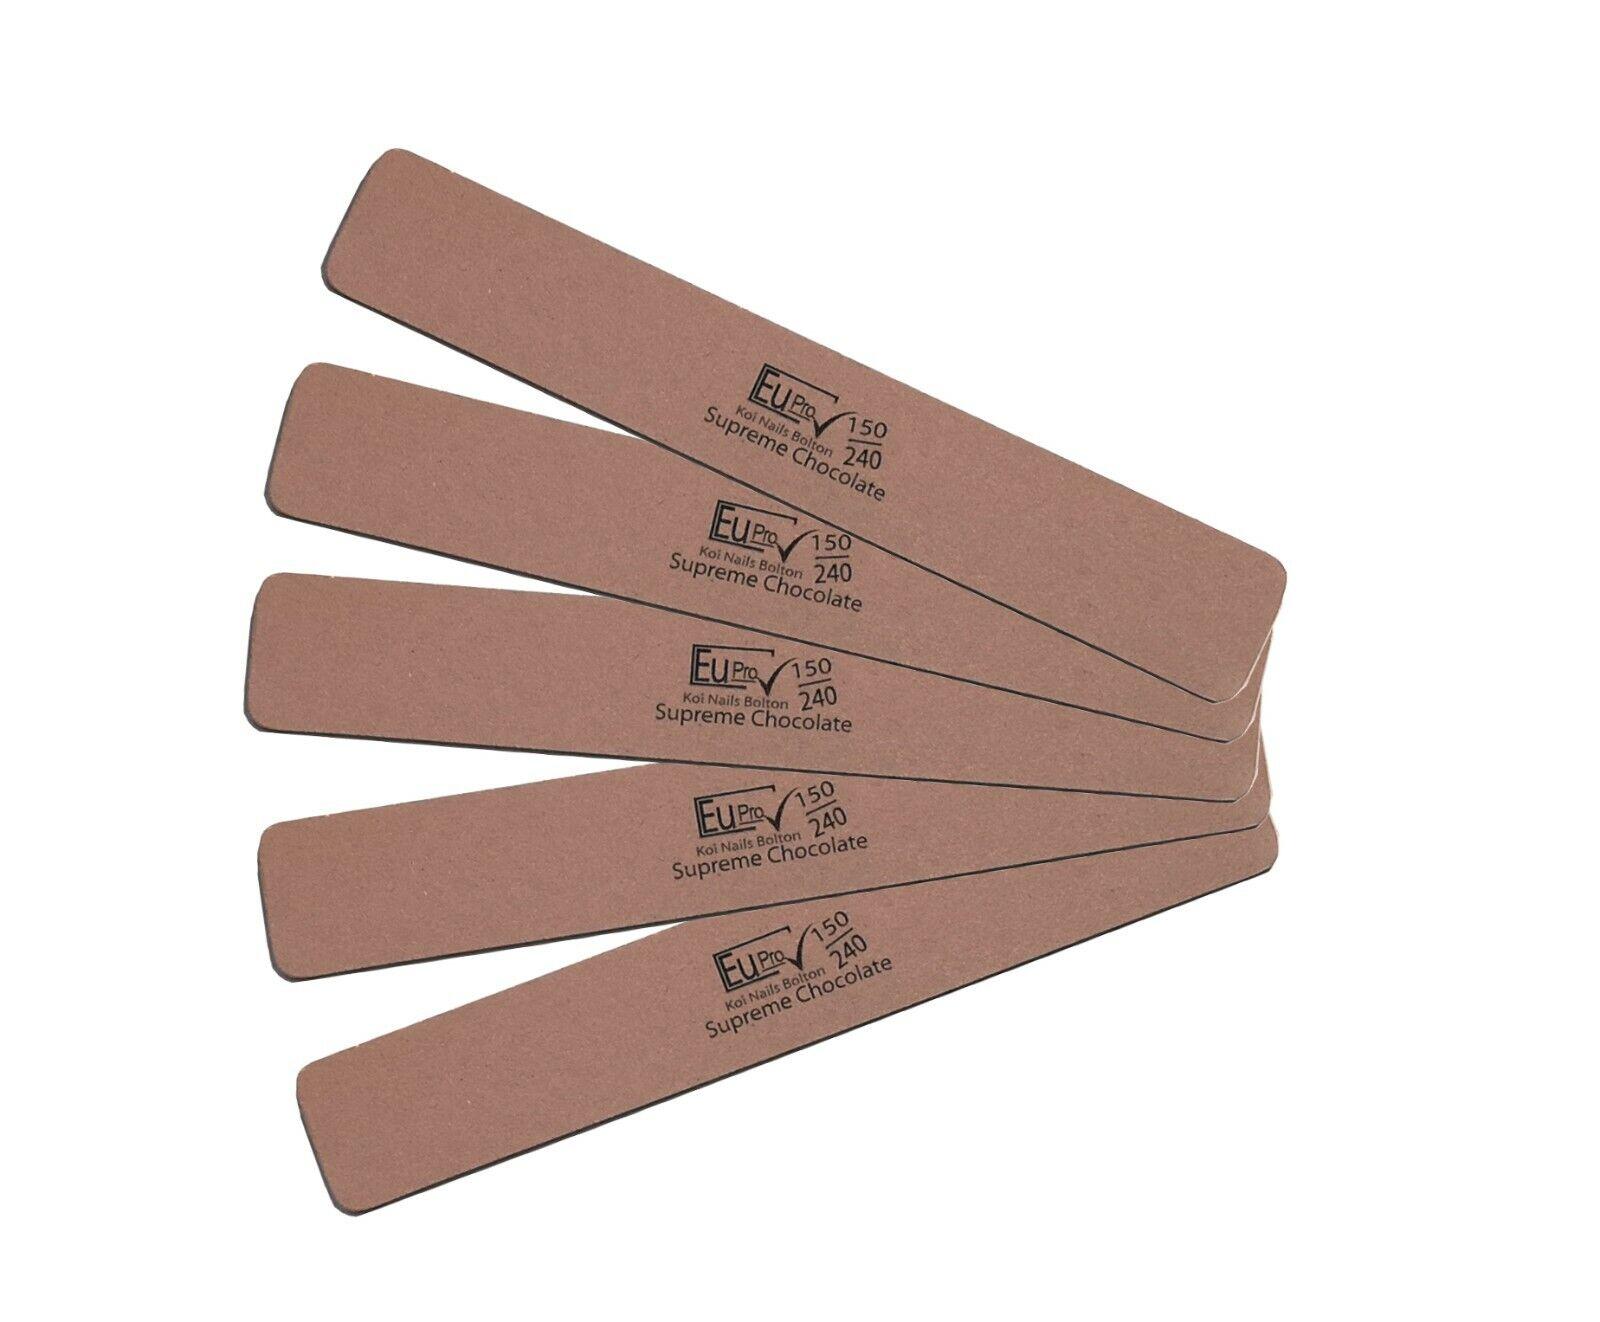 5x German Supreme Chocolate Salon Nail File 150 / 240 Grit  Files